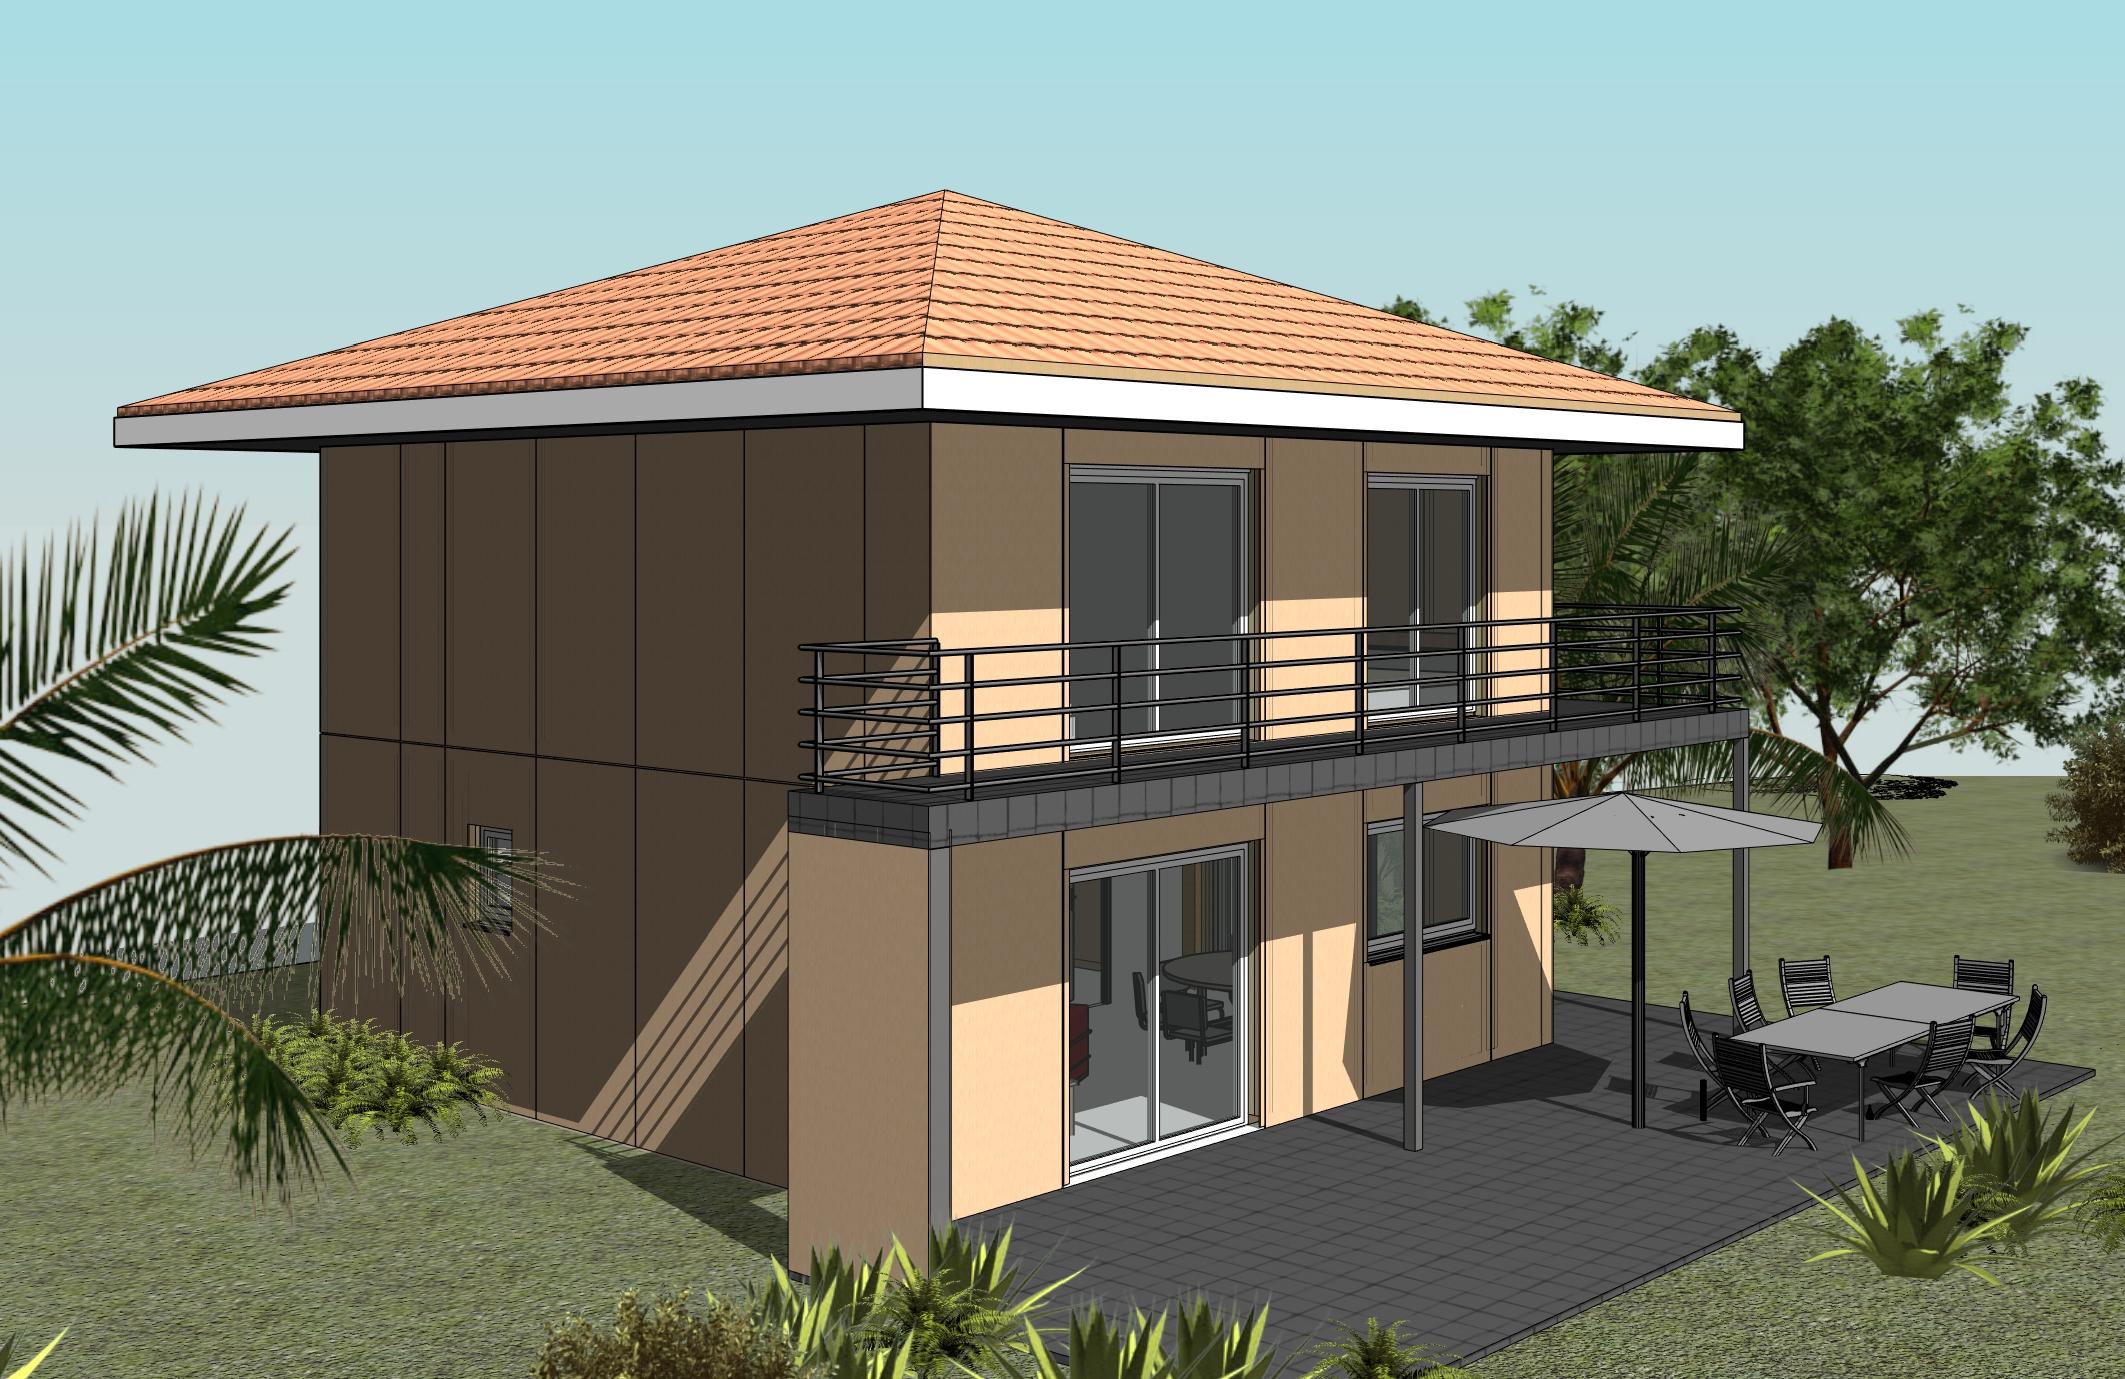 comment logelis exporte une nouvelle vision de l habitat. Black Bedroom Furniture Sets. Home Design Ideas